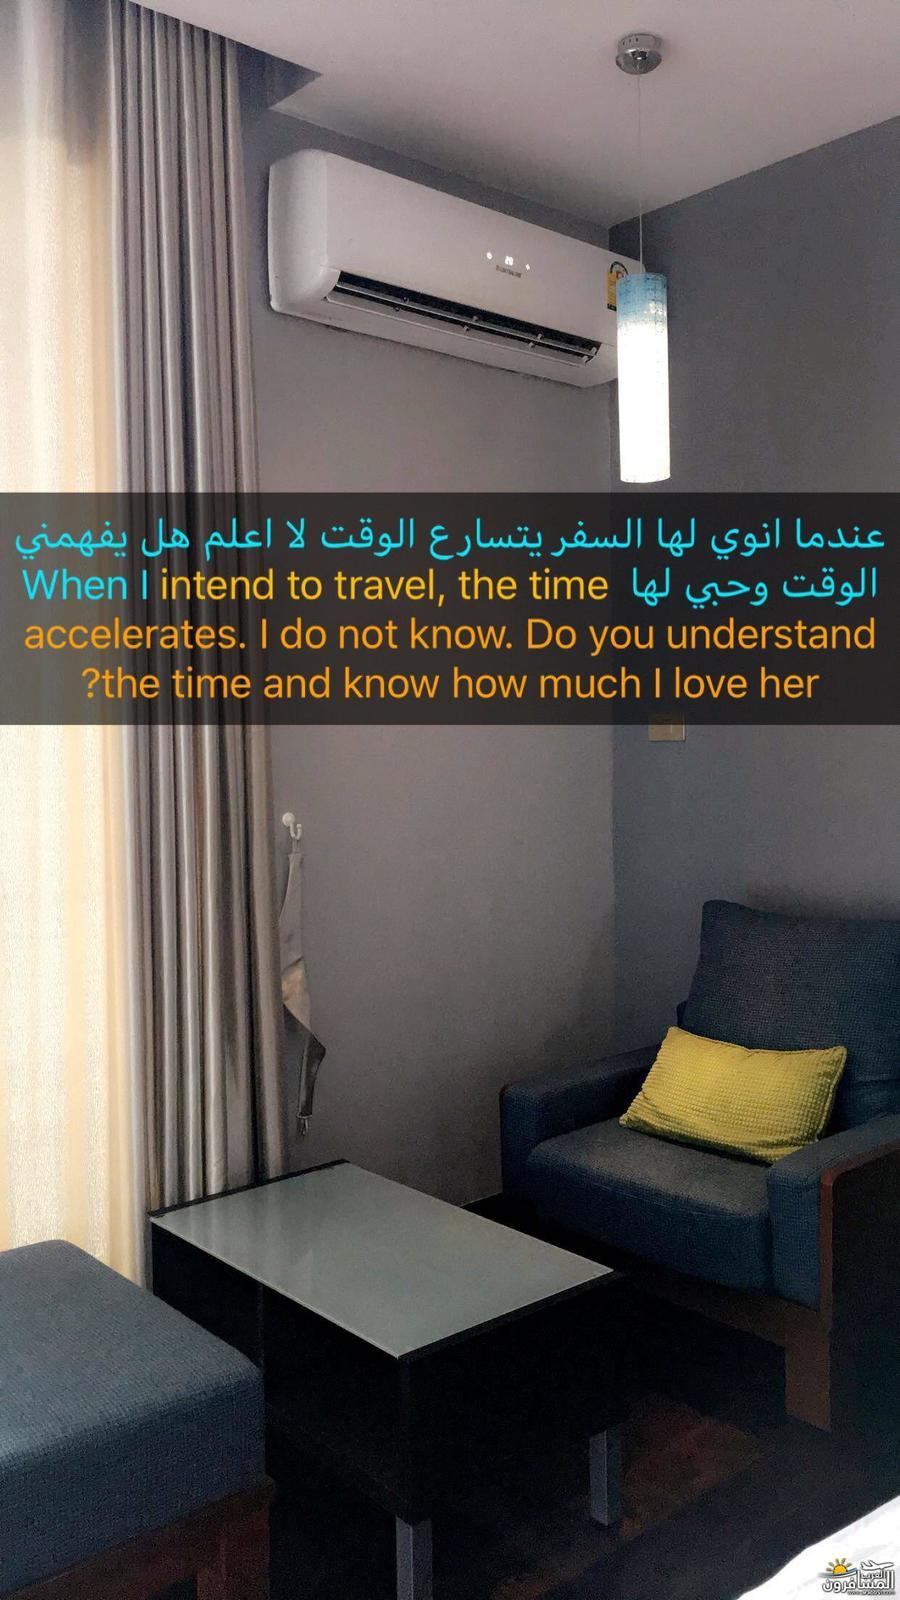 arabtrvl15078482107410.jpg